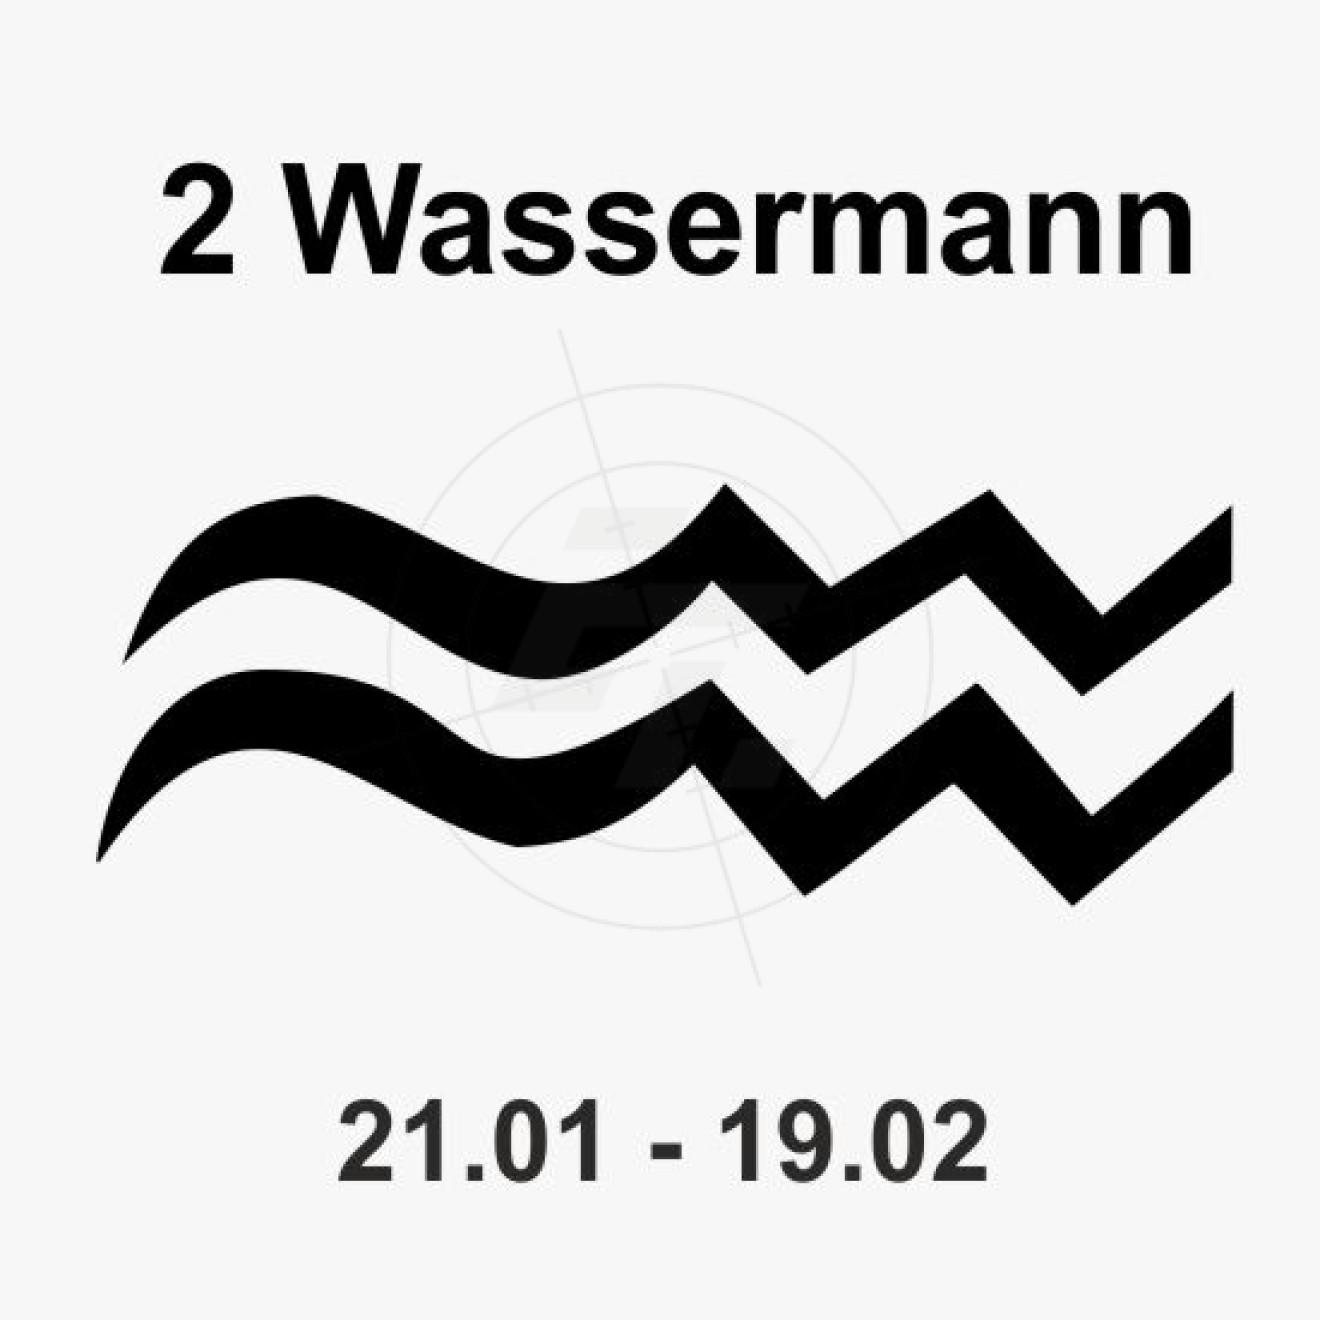 Wassermann Sternzeichen sternzeichen, griechische mythologie, aufkleber, sticker und folien